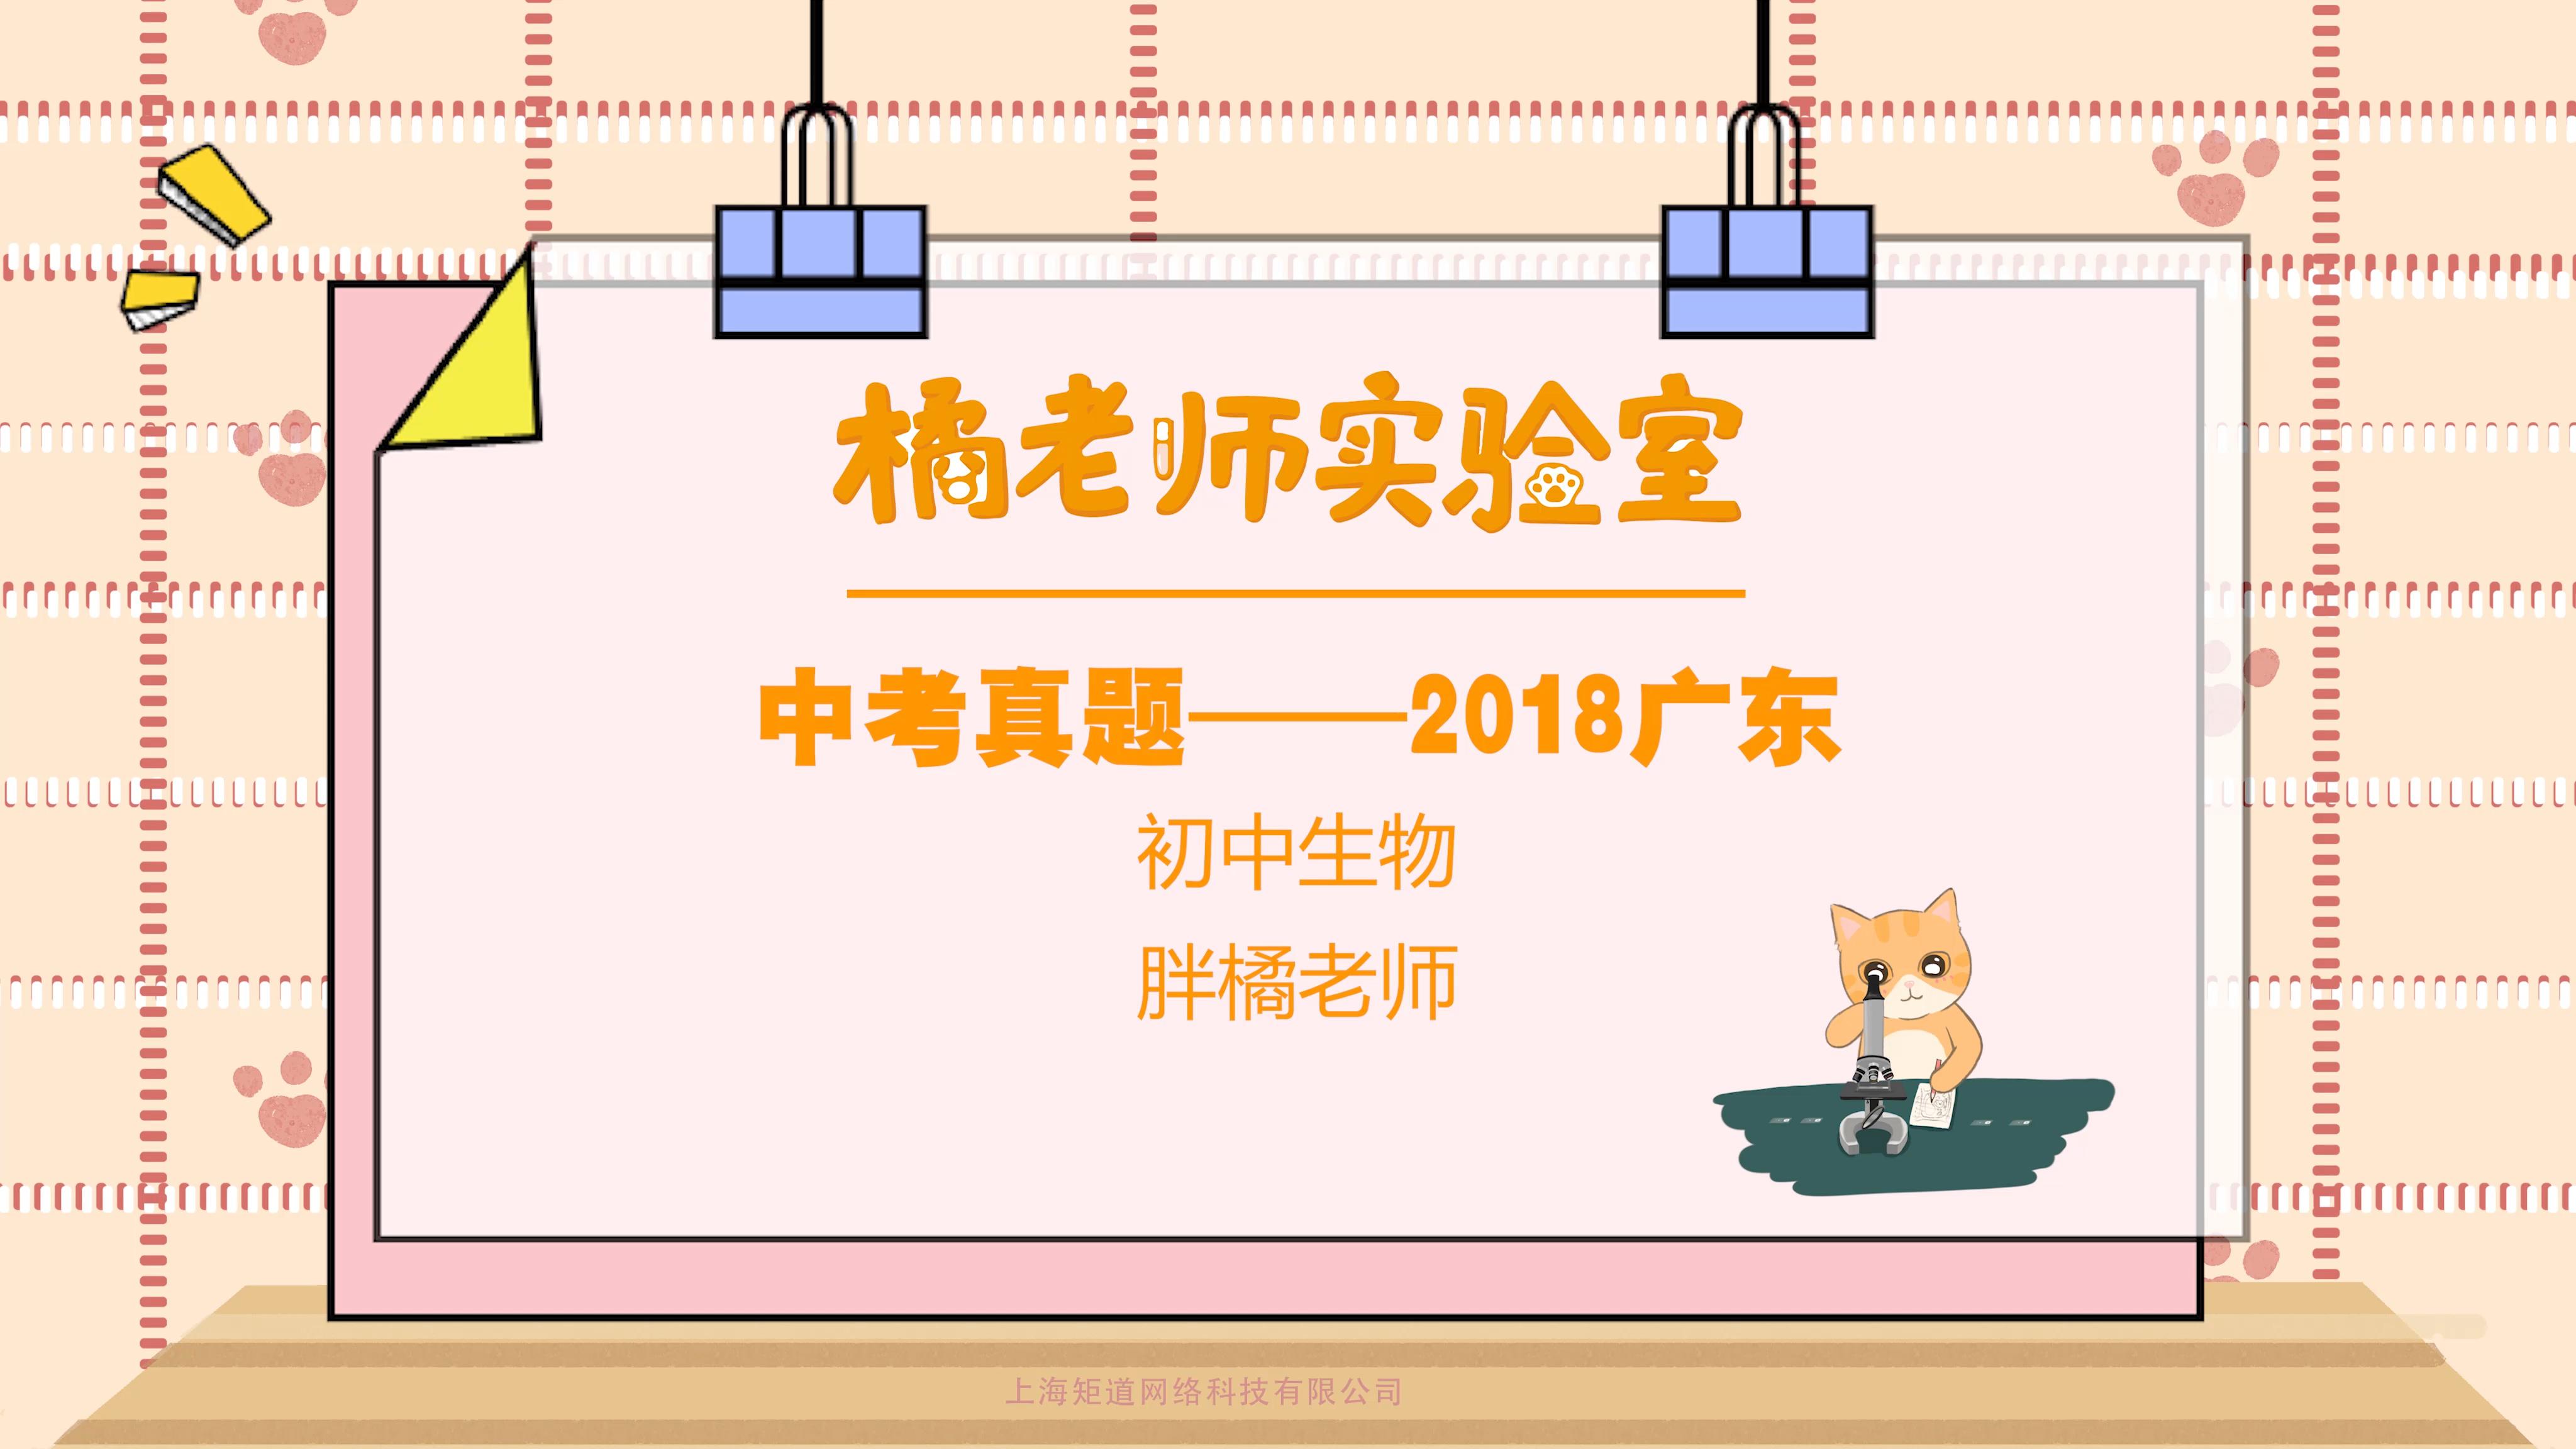 第一百二十五期:《中考真题——2018广东》